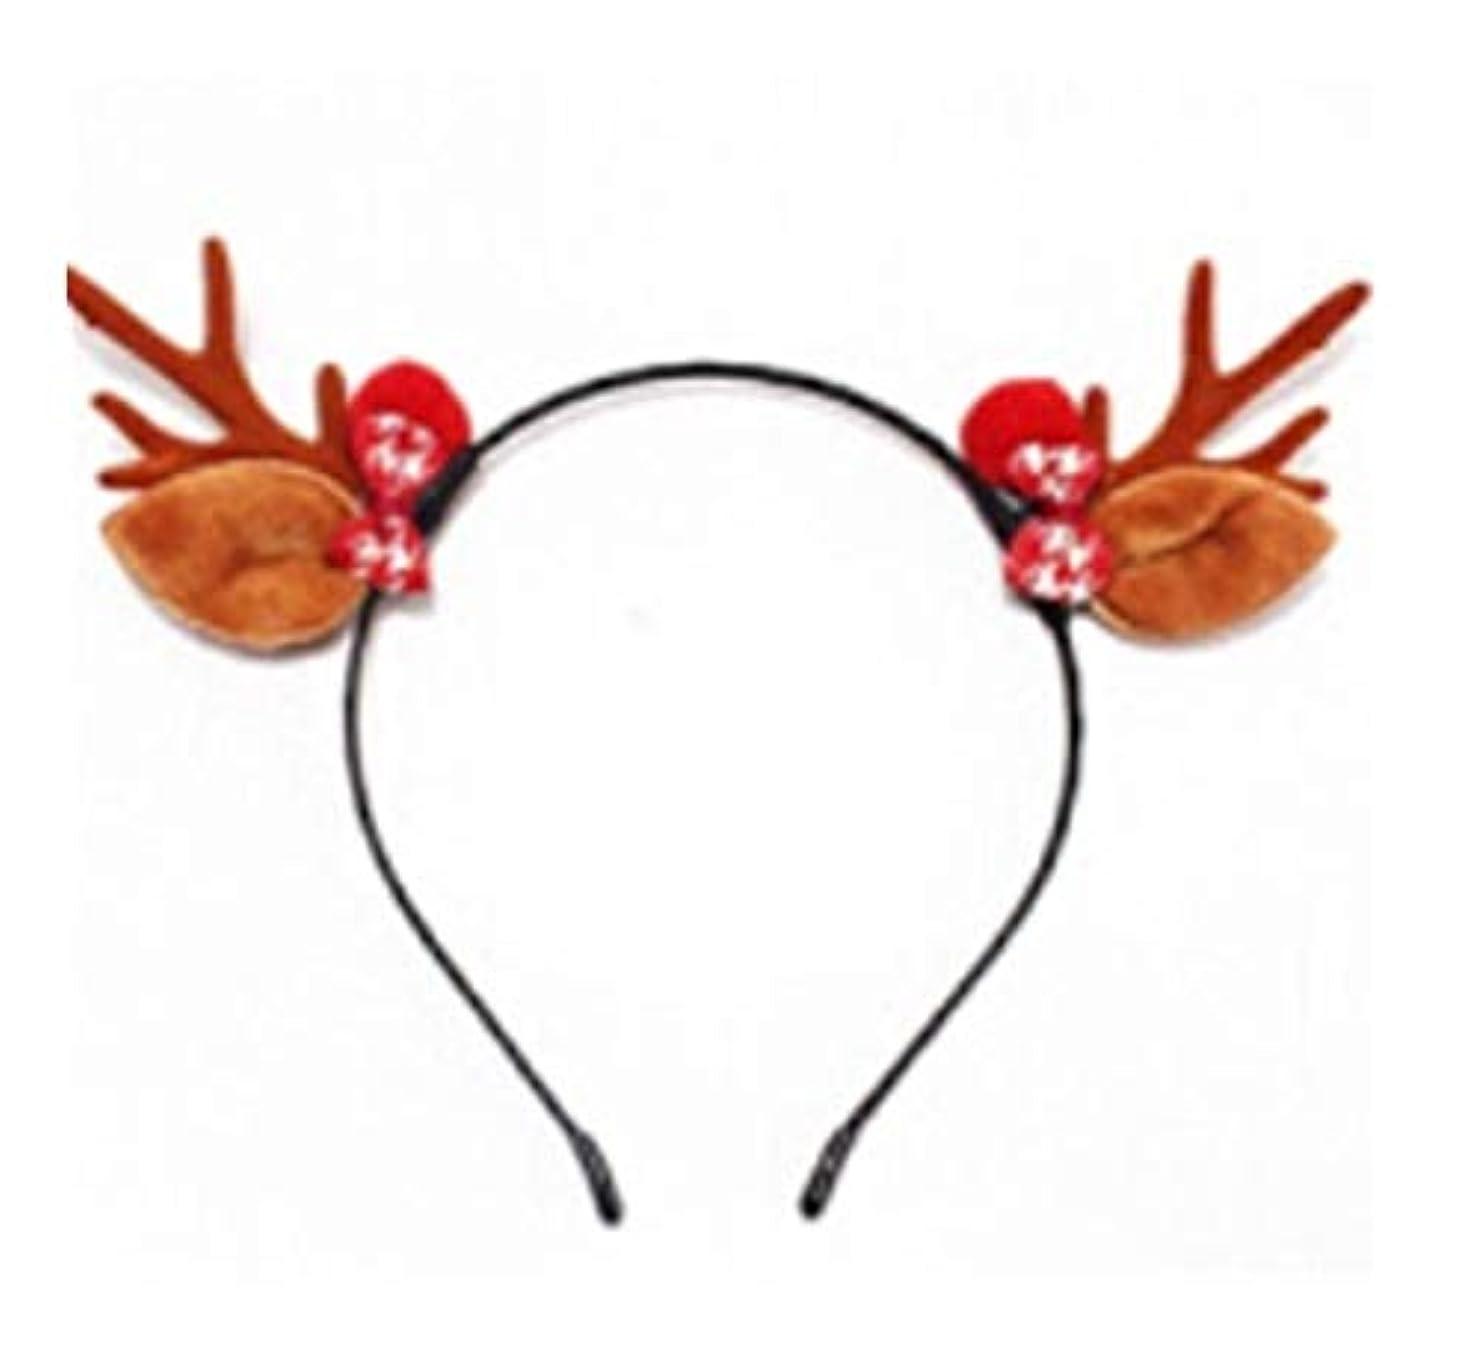 猟犬出口文字通りクリスマスヘッドバンドの枝角のティアラヘアクリップセン女性のヘアアクセサリーは、甘いヘッドバンド小さなヘラジカのヘアクリップピスタチオアントラーズの耳のカチューシャを装飾します (Style : E)